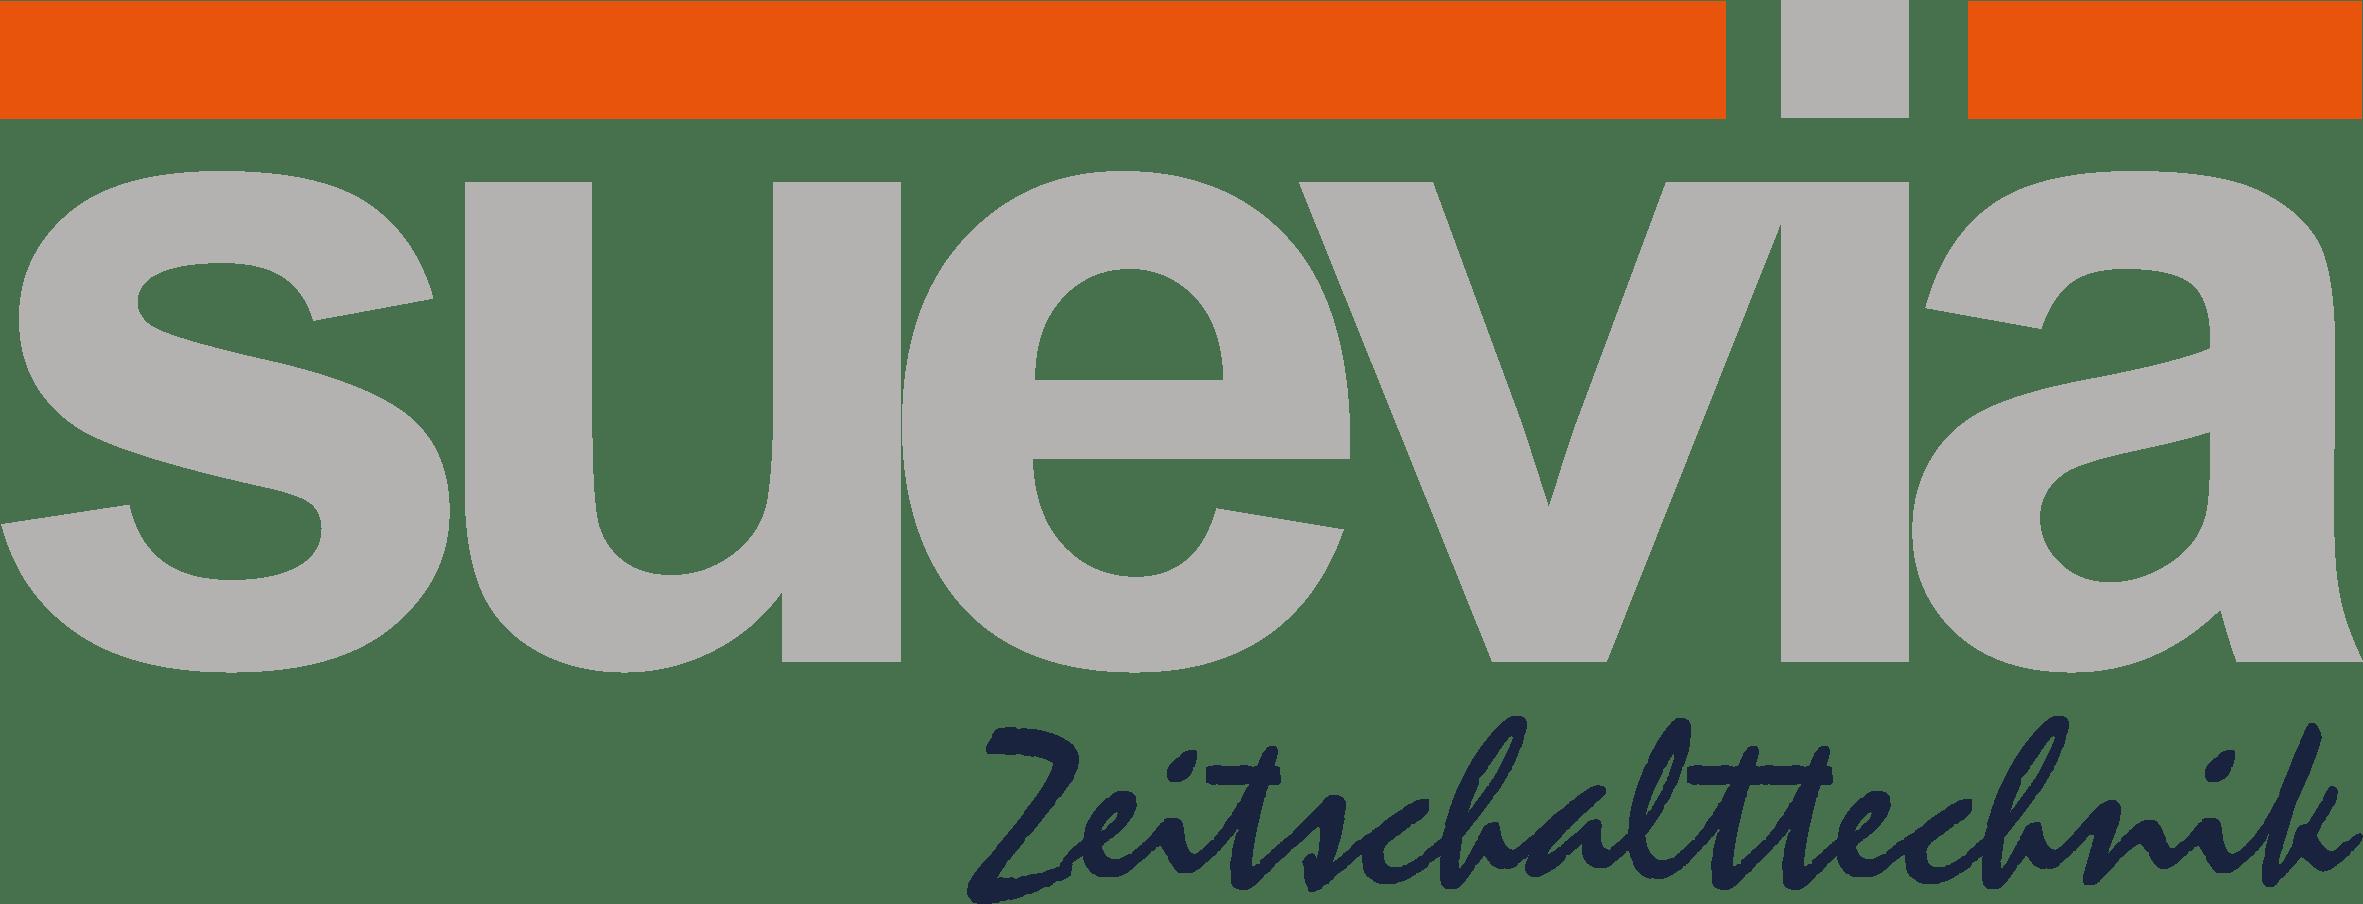 SUEVIA zeitschalttechnik